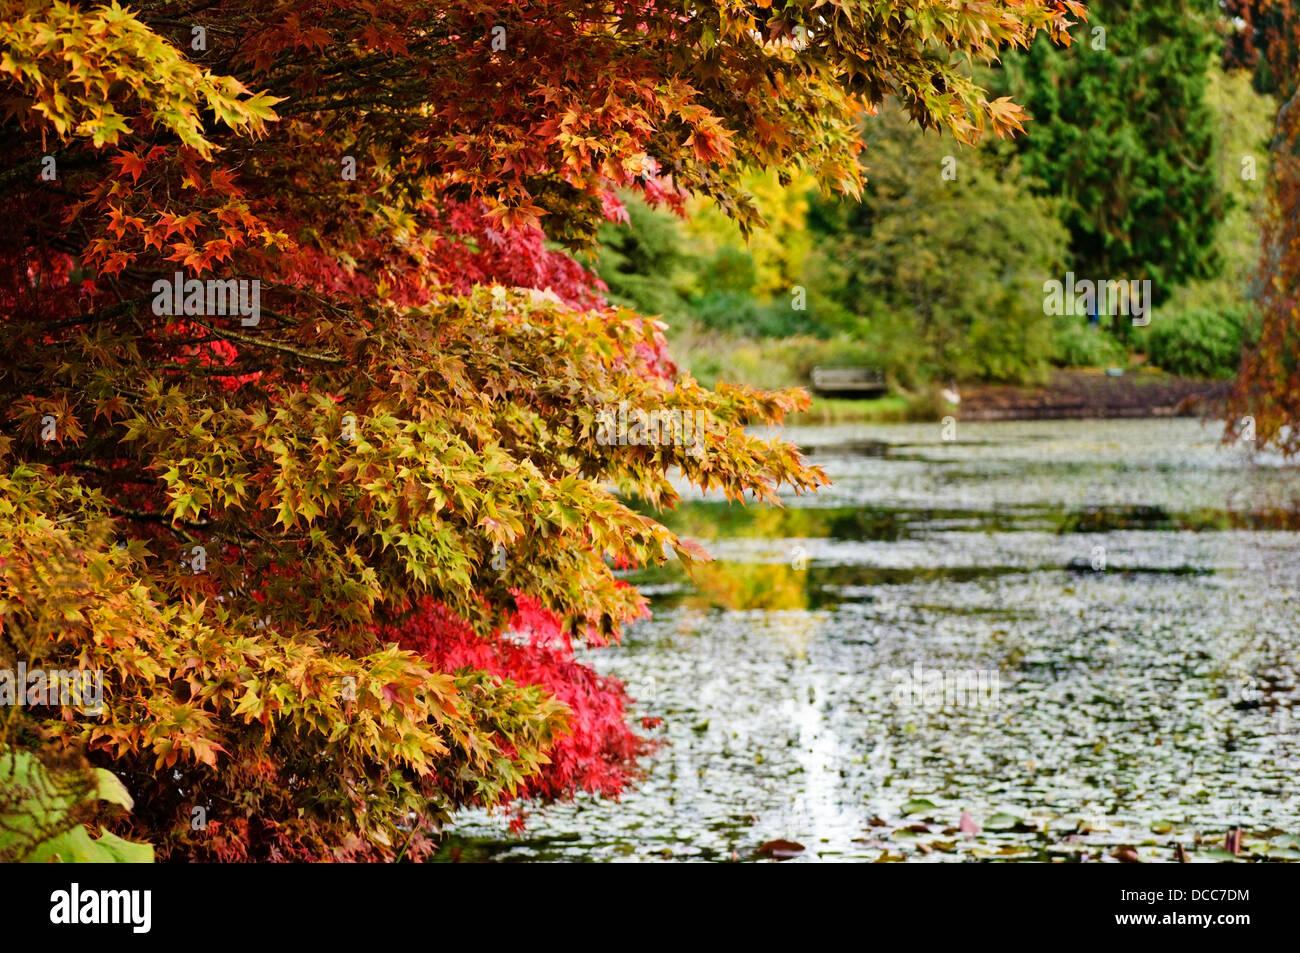 Hojas de otoño colorido y árboles por un estanque de jardín botánico VanDusen en Vancouver. Jardín de otoño. Foto de stock